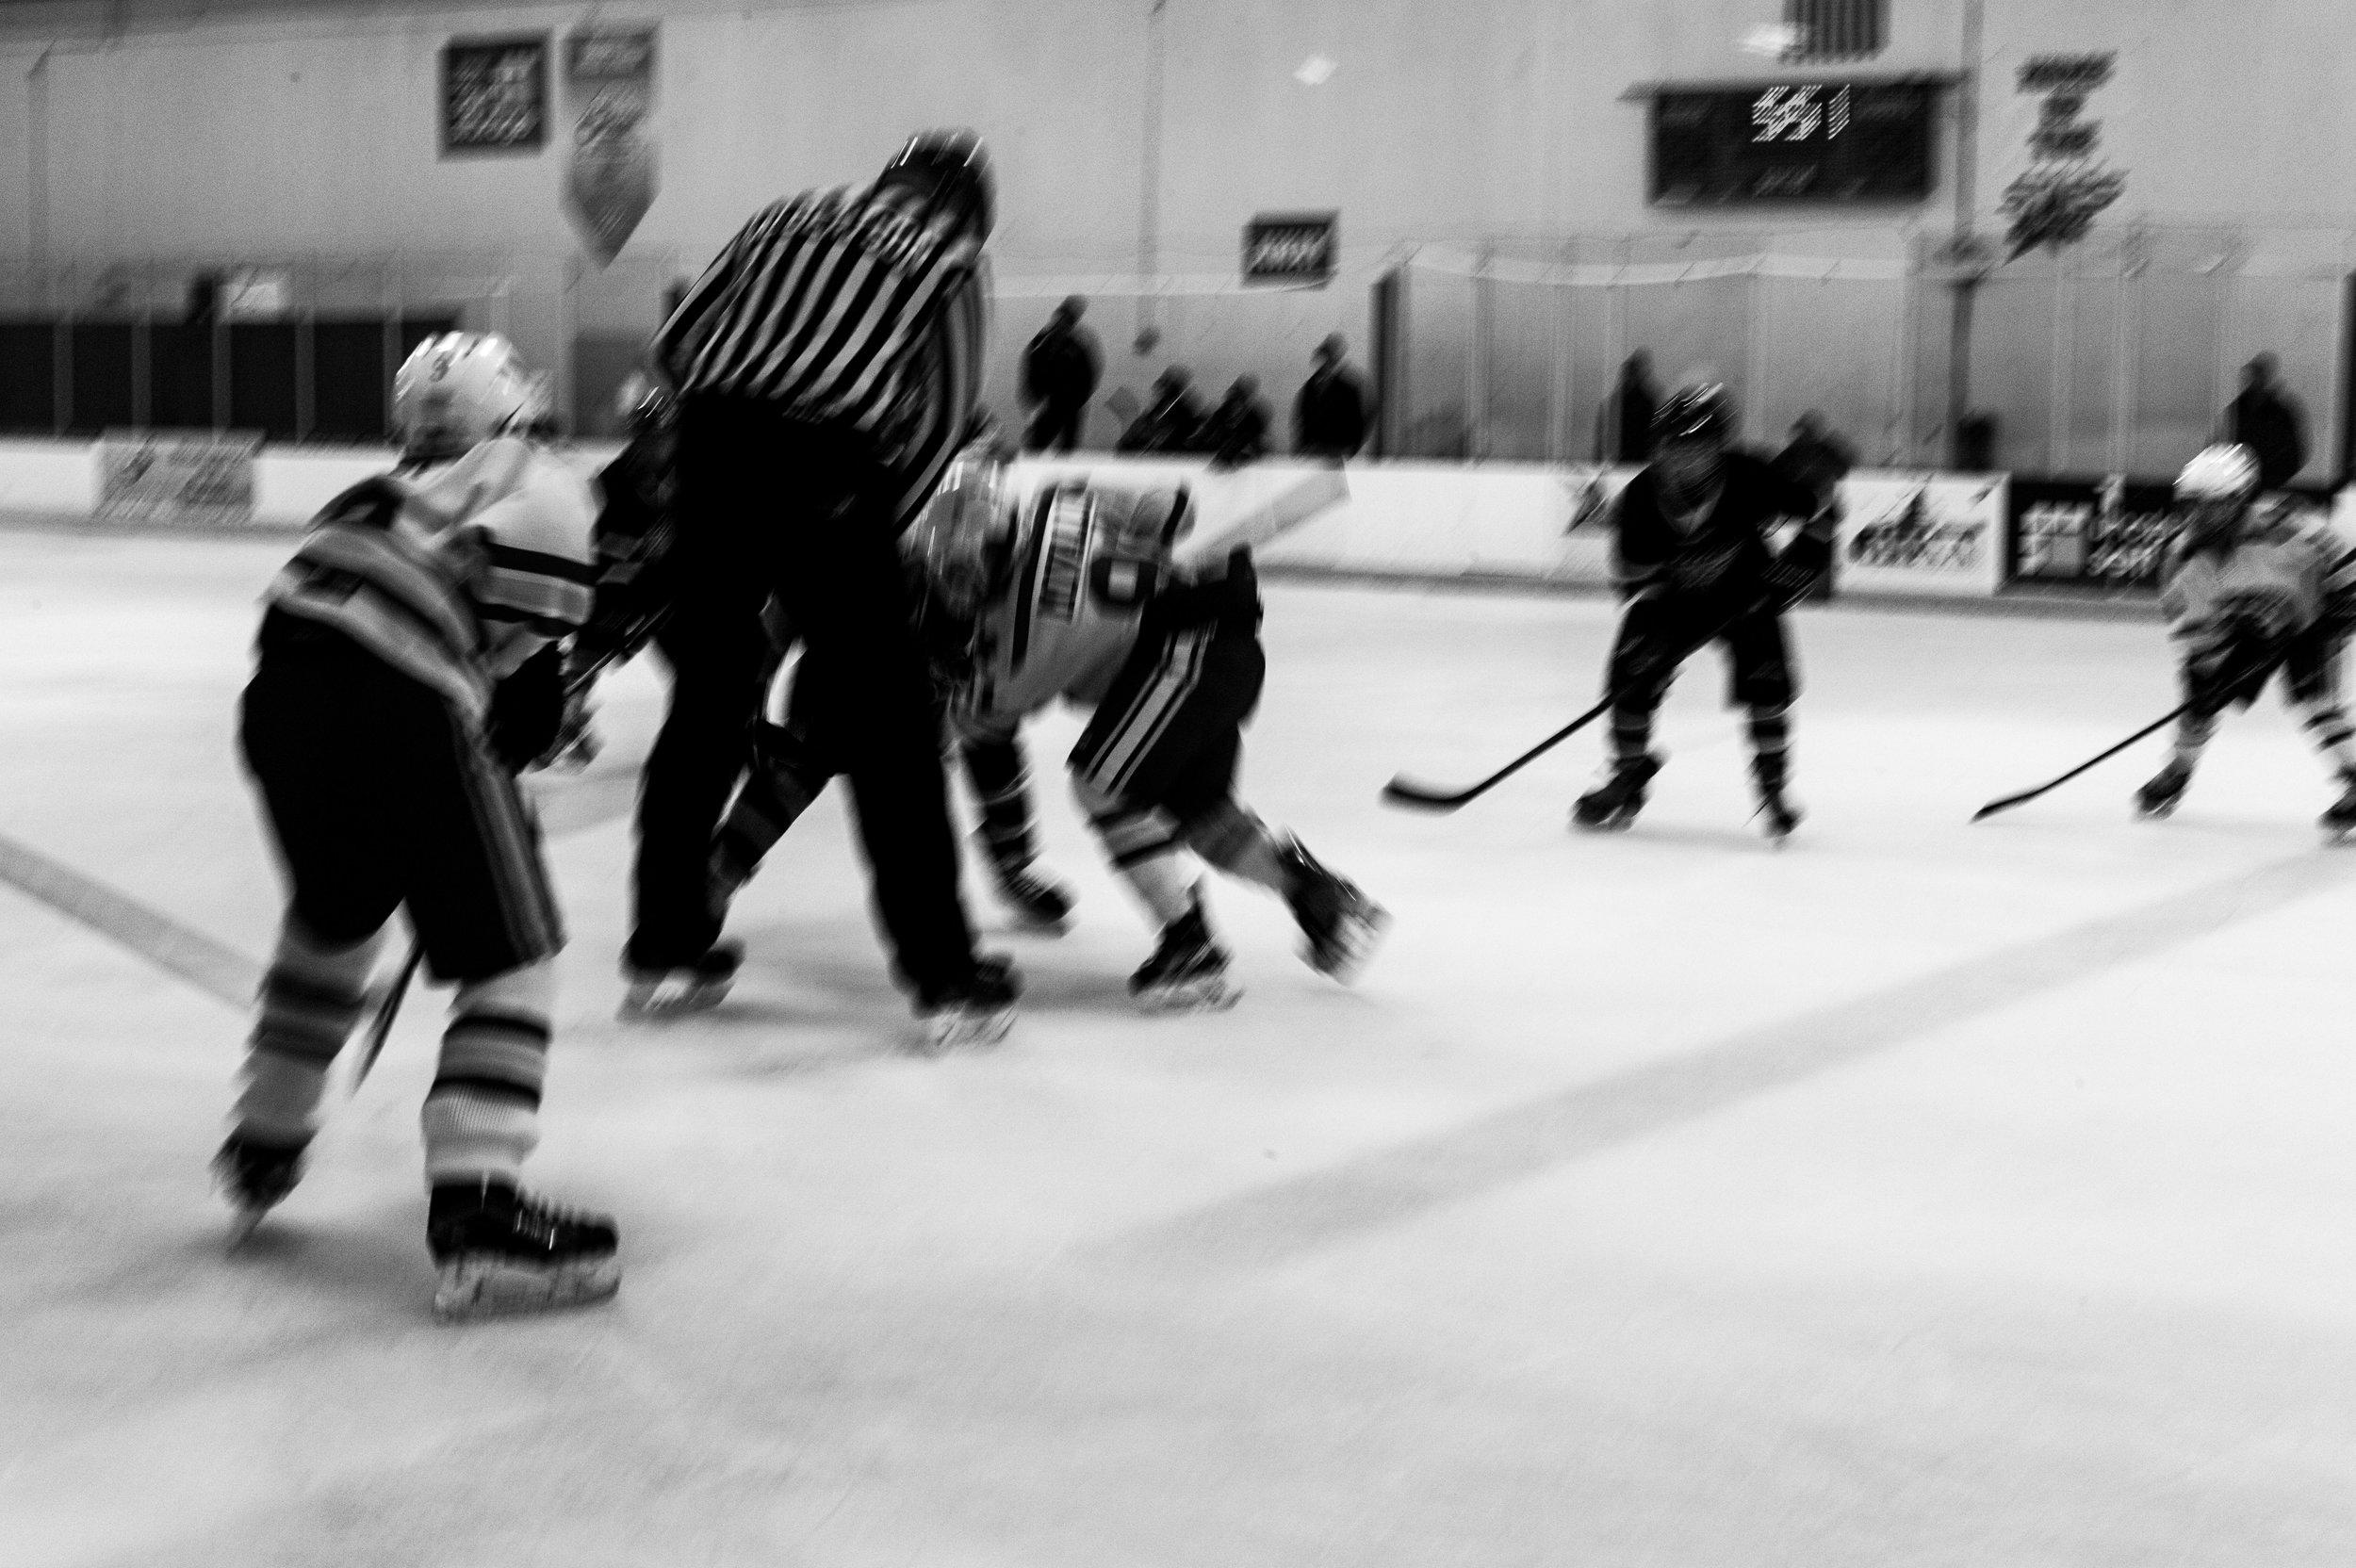 ice_hockey-058.jpg